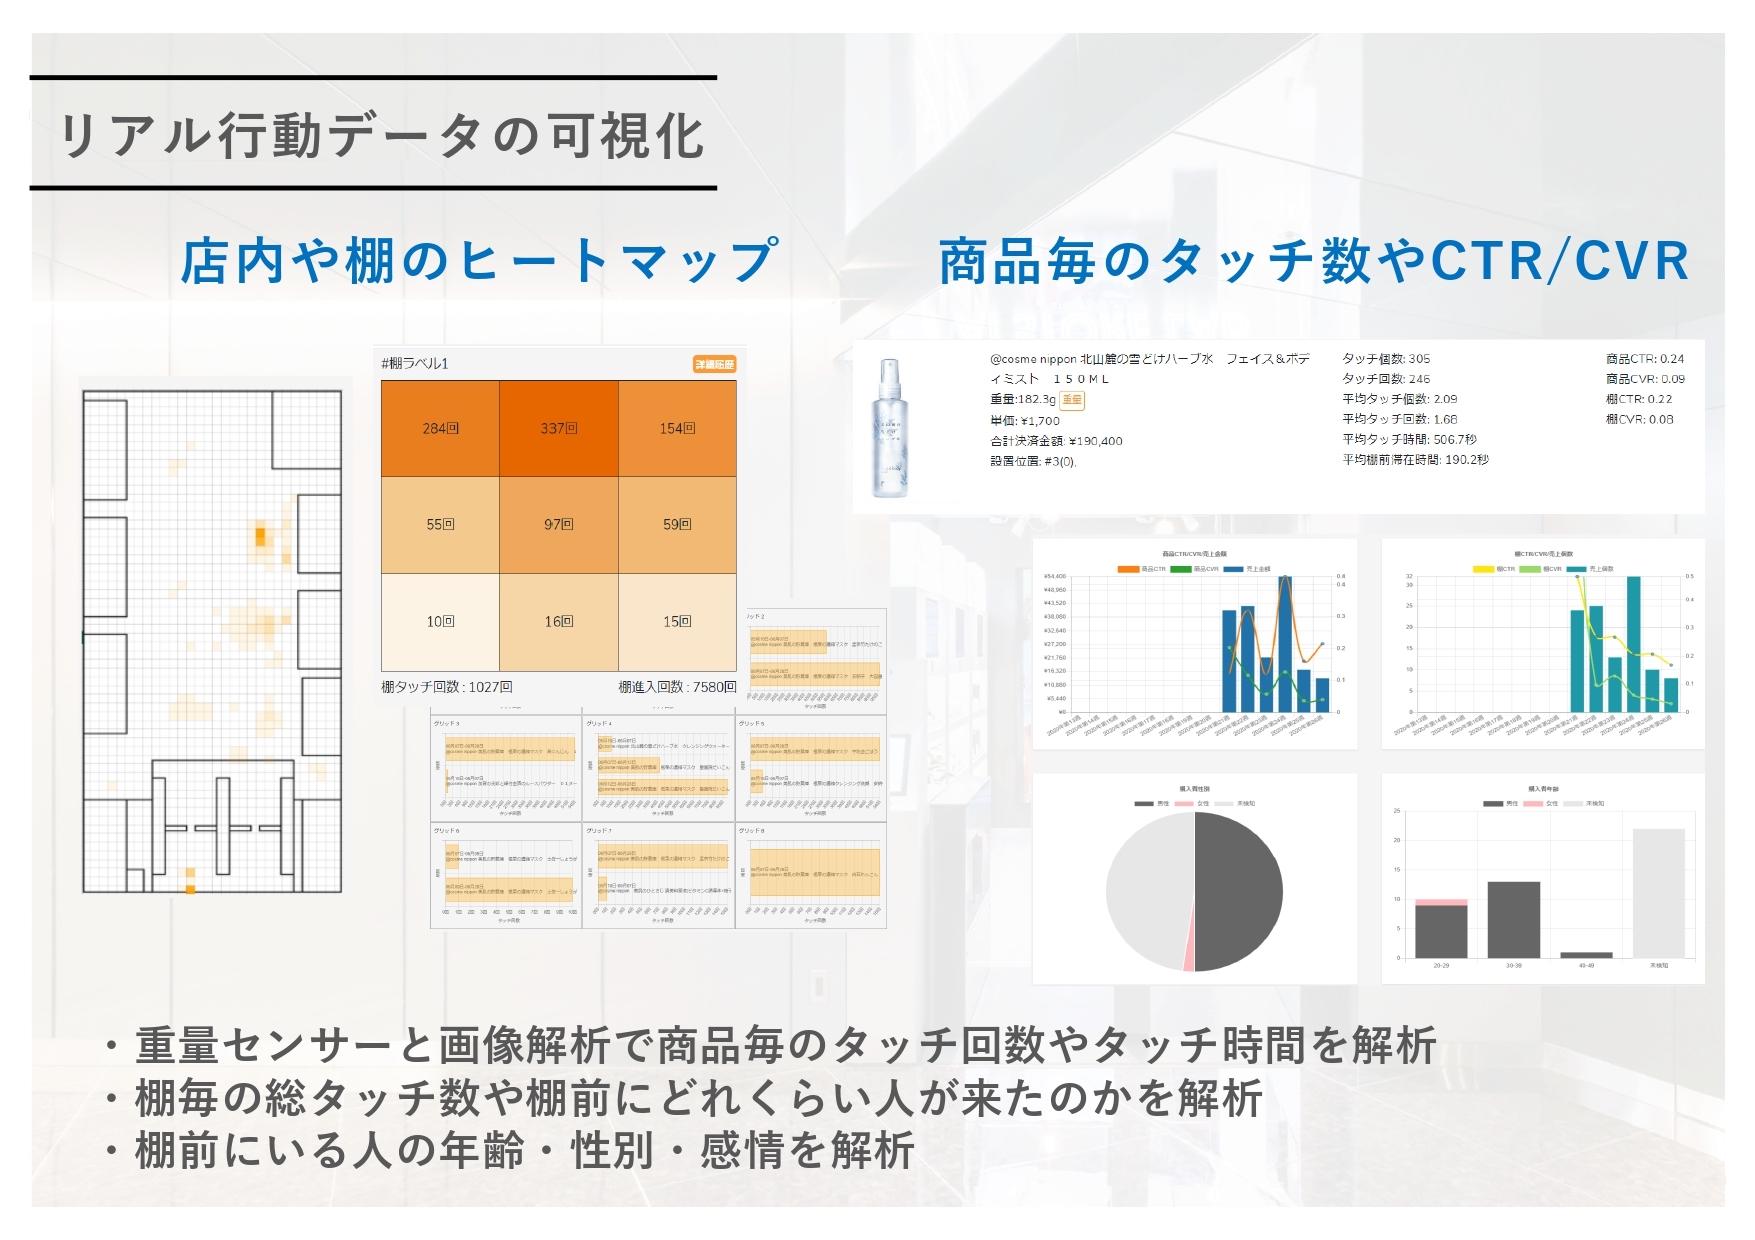 リアル行動データの可視化